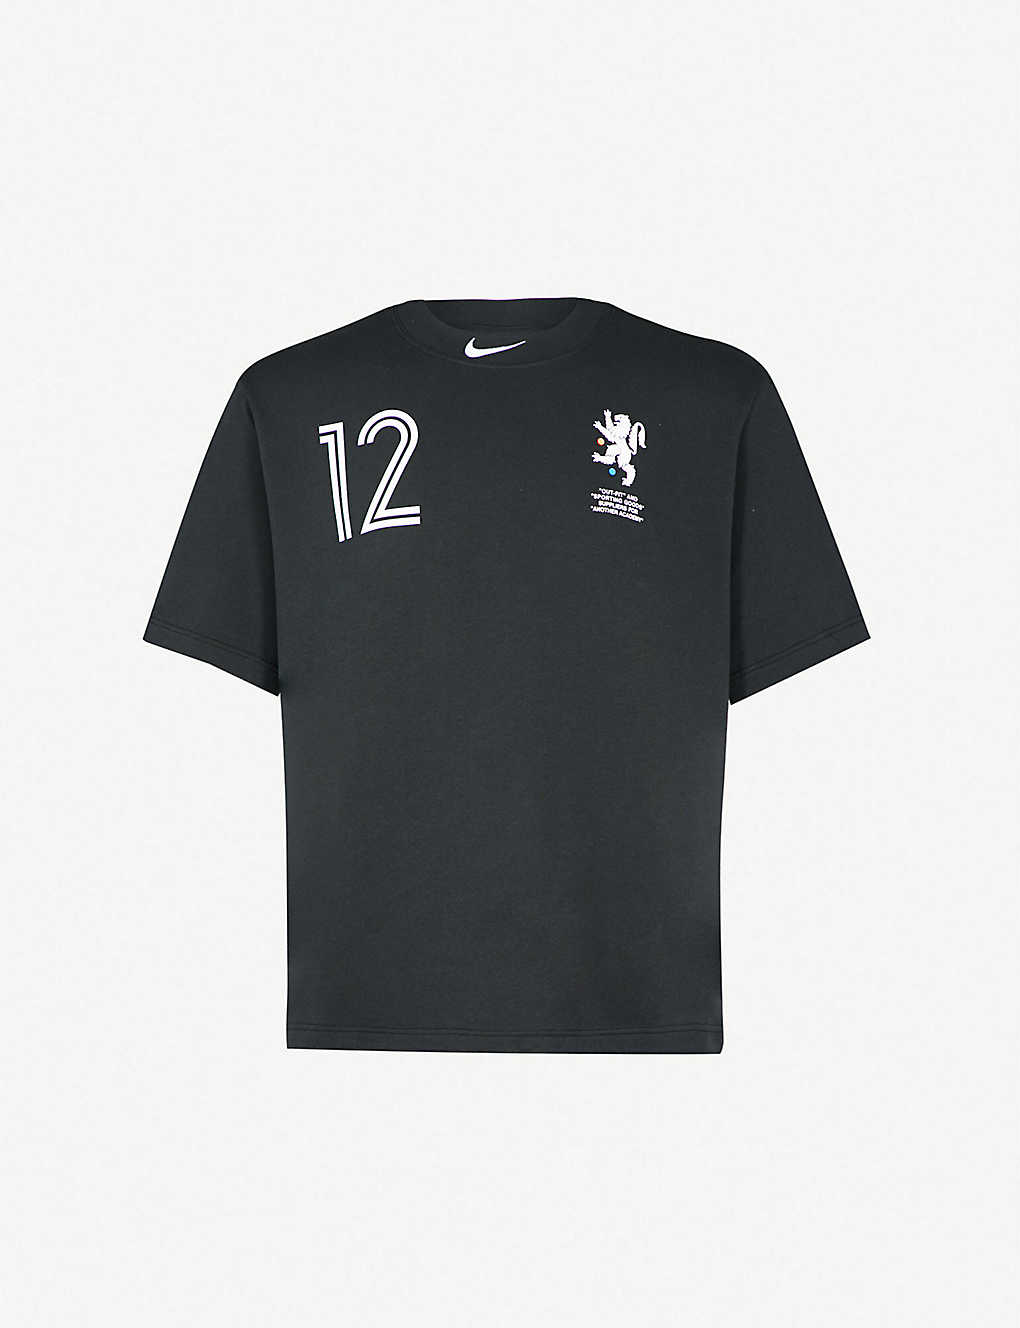 NIKE X OFF-WHITE - Logo-print cropped cotton-jersey T-shirt ... cbfb89158